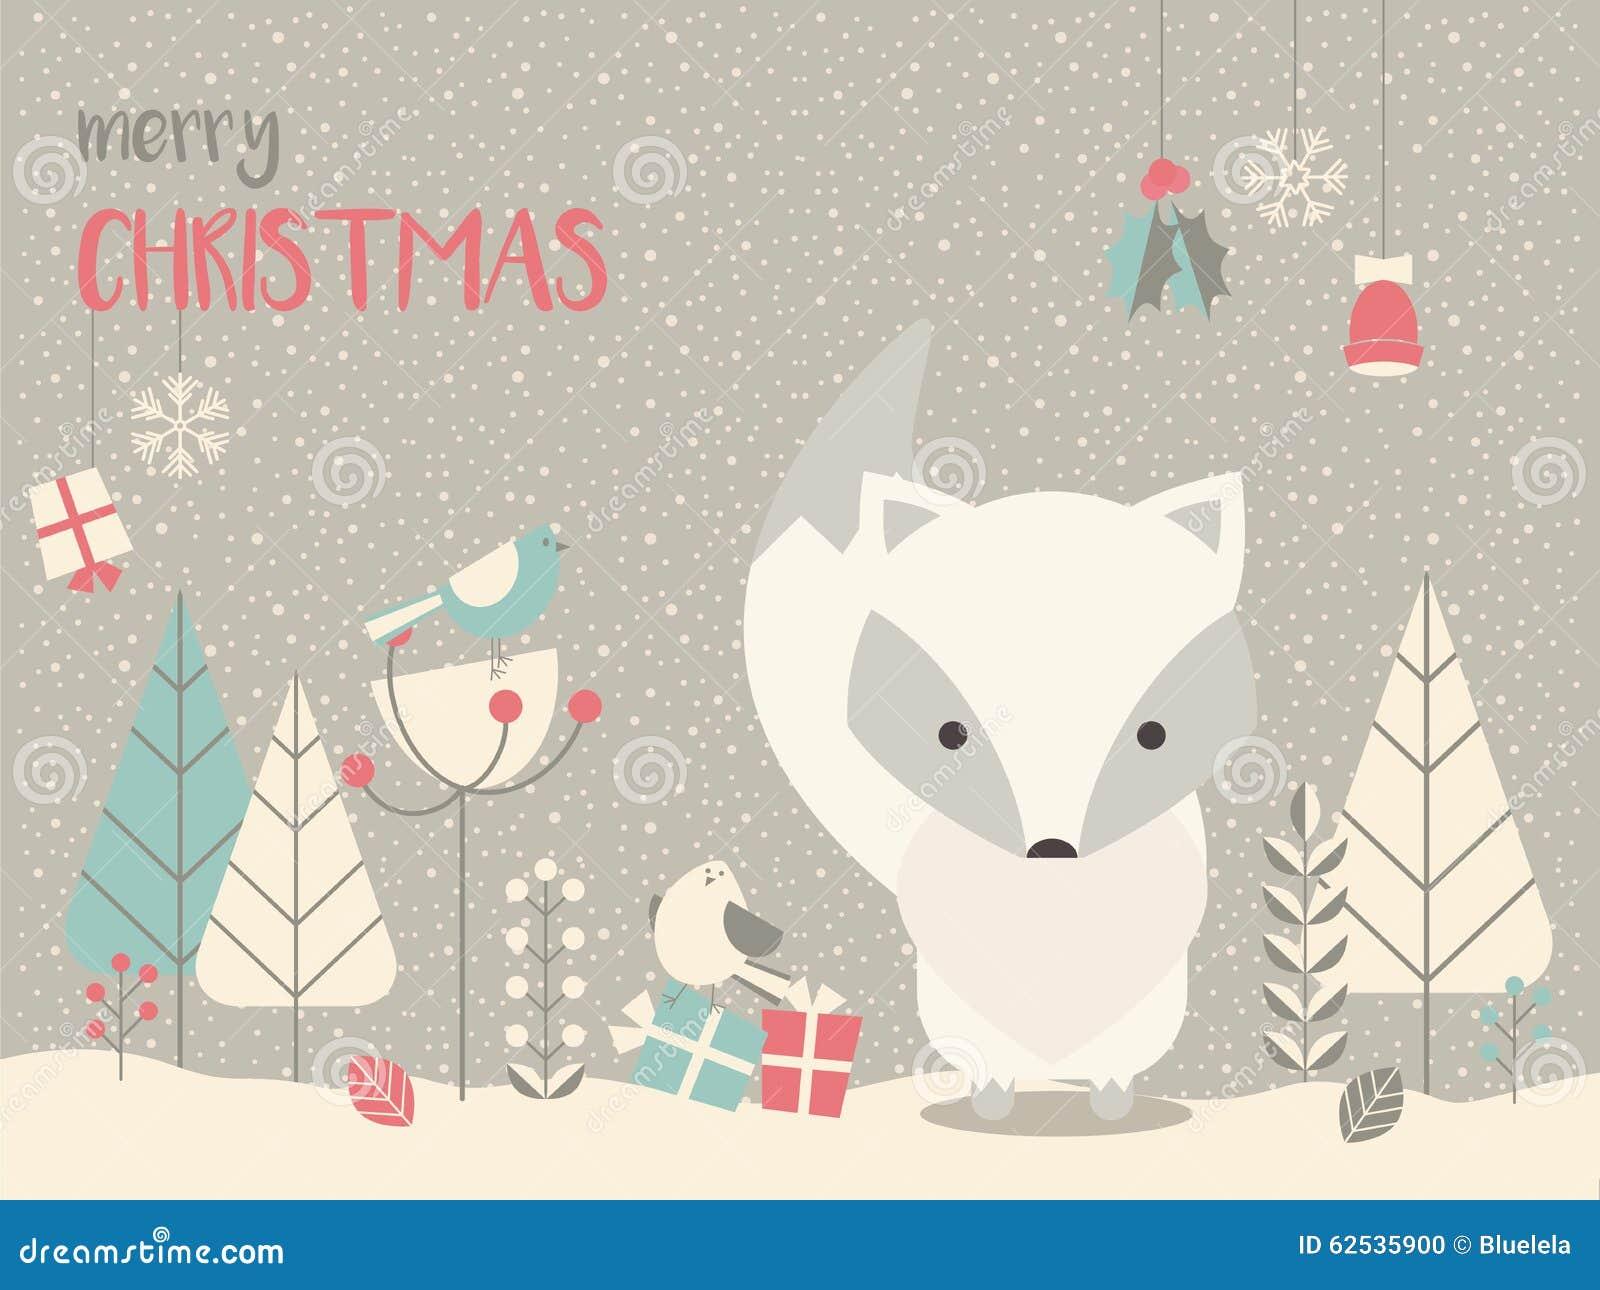 逗人喜爱的北极圣诞节小狐狸围拢与花卉装饰